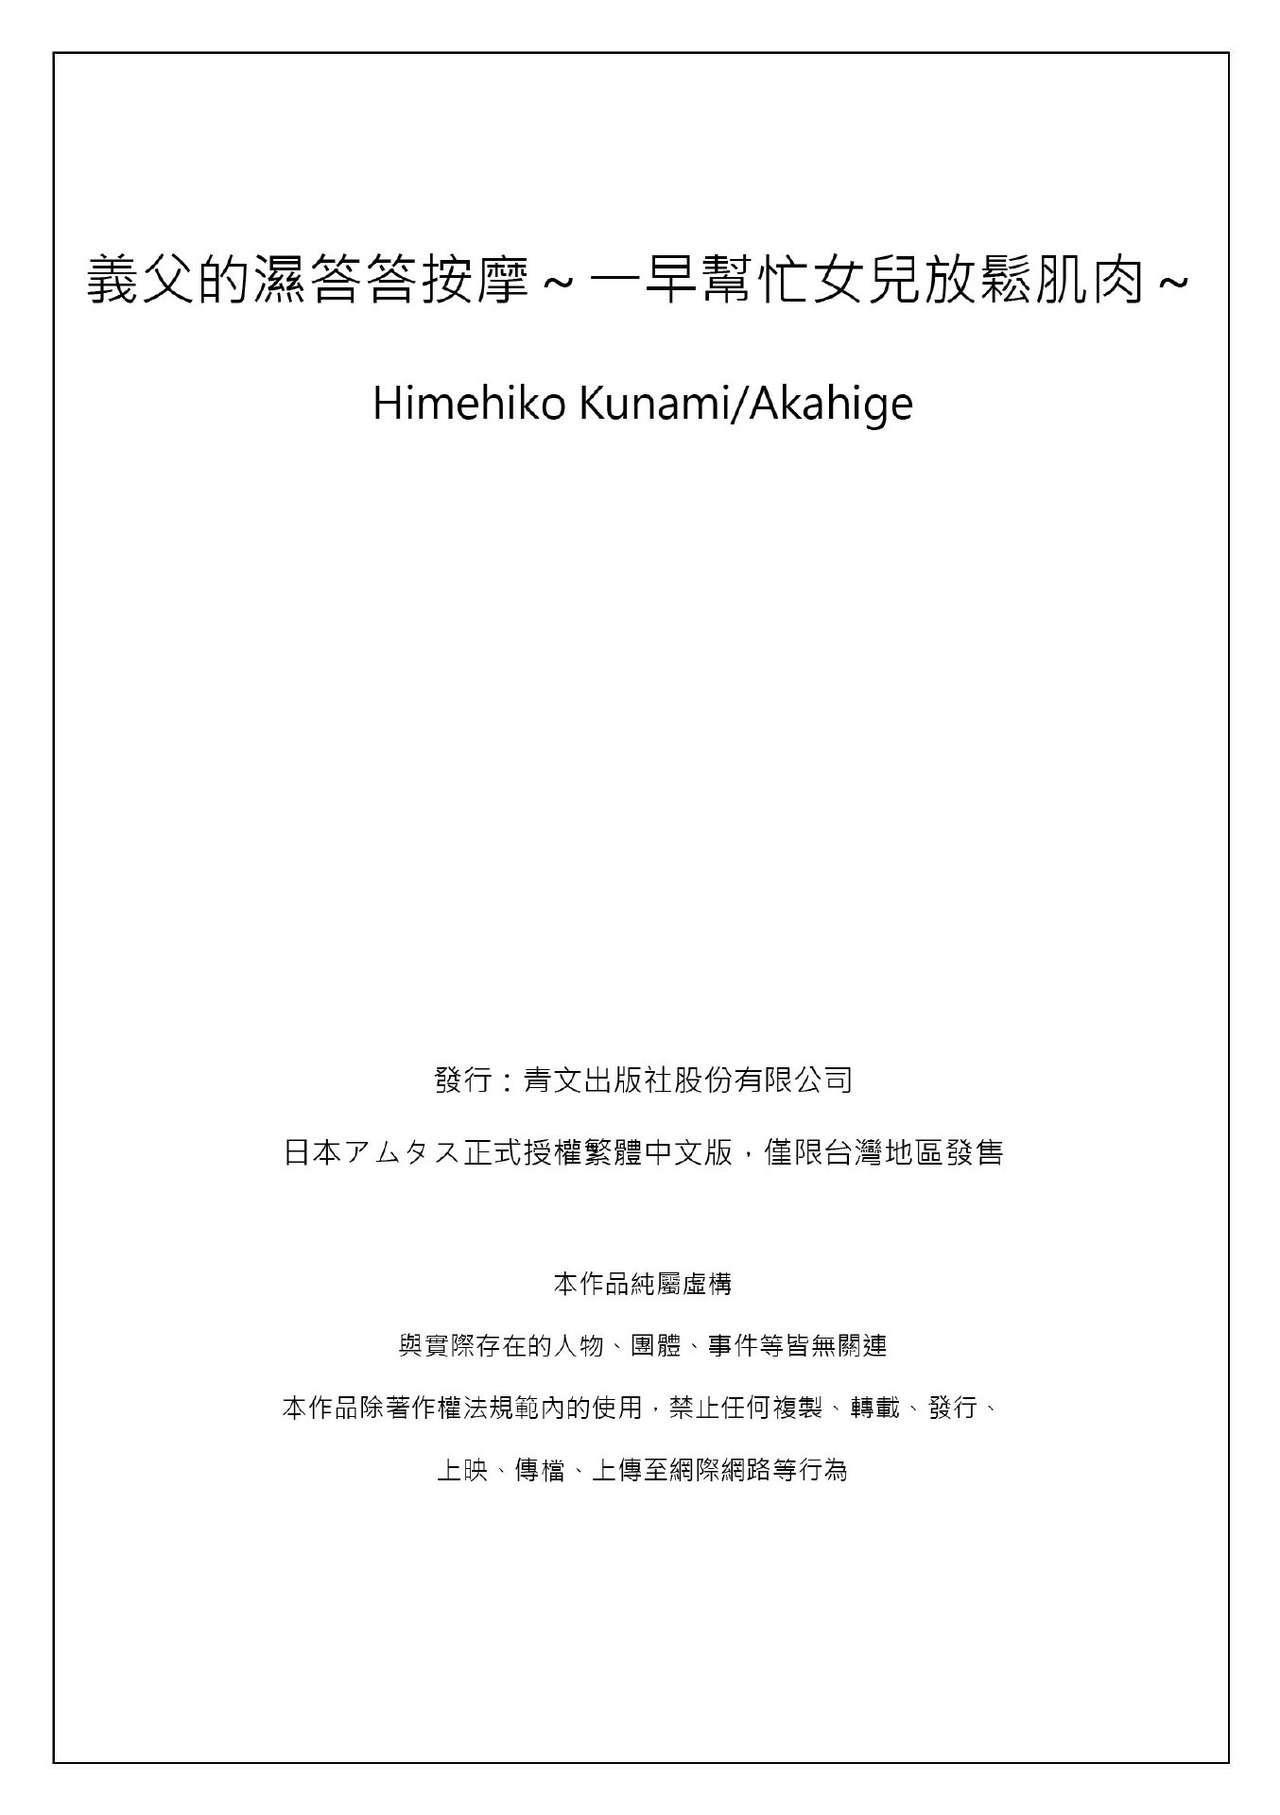 [Qunami Himehiko, Akahige] Gifu no Nurunuru Massage ~Musume no Kori o Asa kara Kurikuri~   義父的濕答答按摩~一早幫忙女兒放鬆肌肉~ Ch. 6 [Chinese] 31